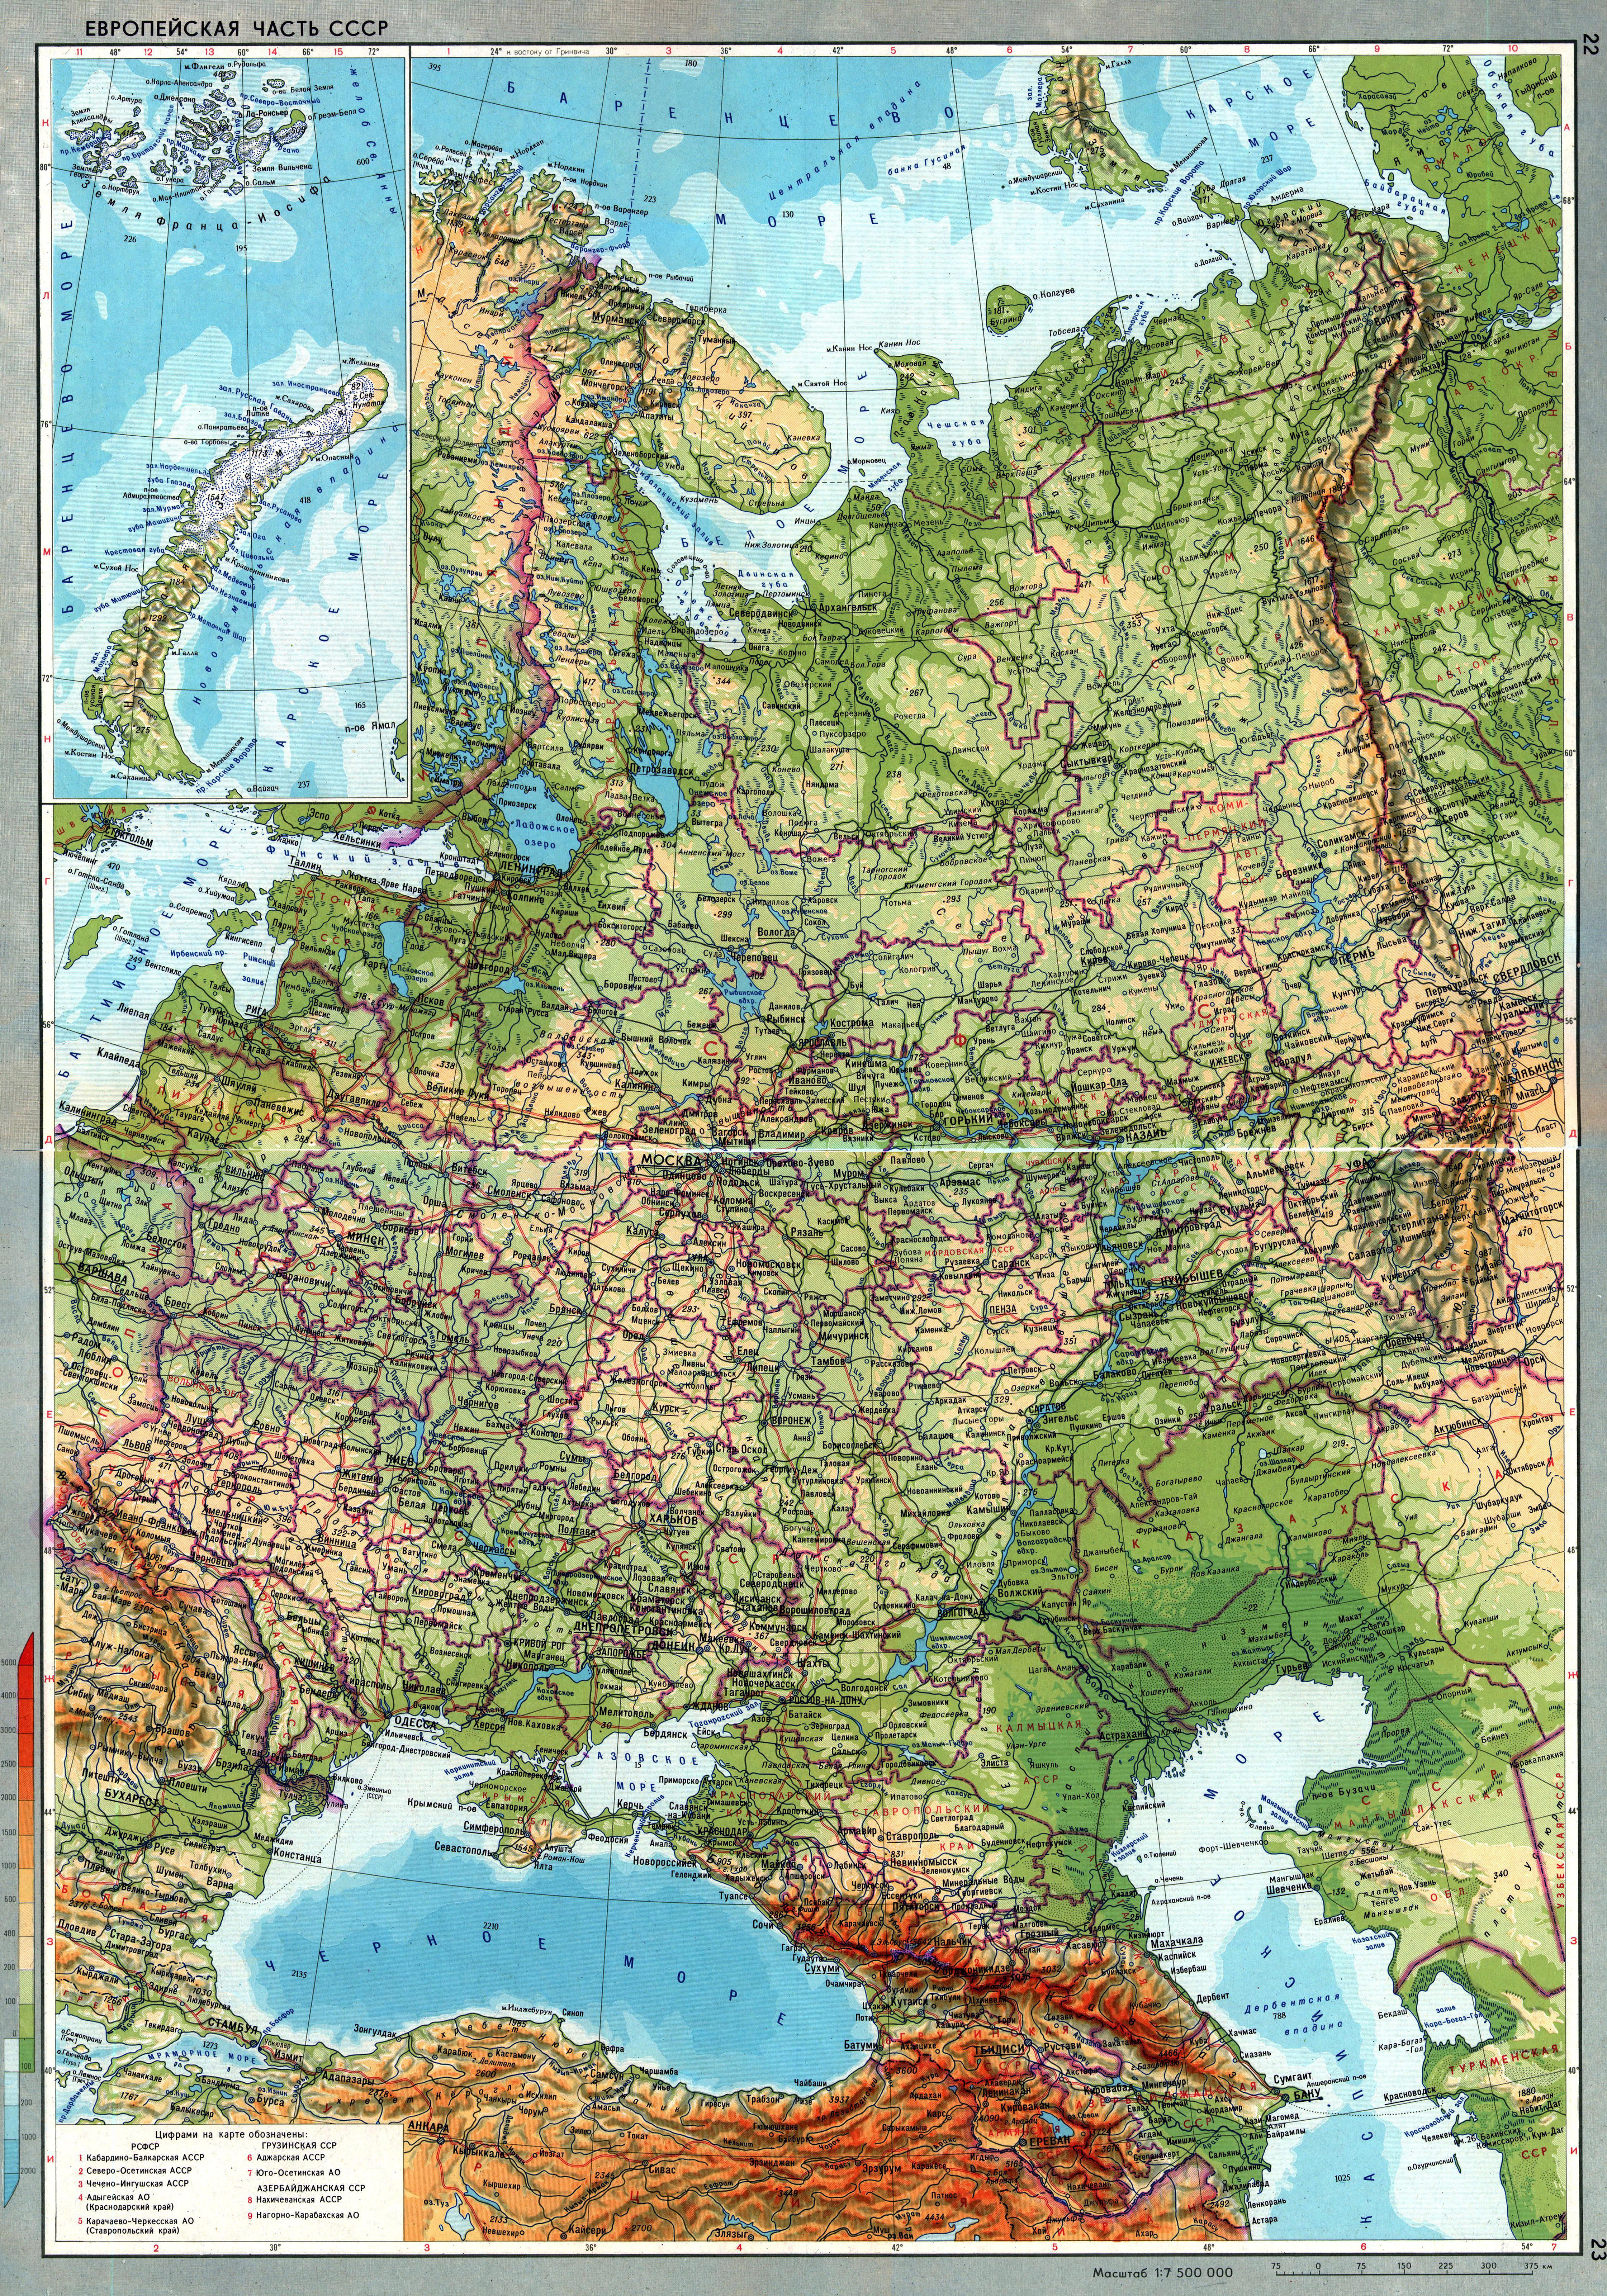 Карта Европейской части СССР из атласа 1983 года скачать: http://www.etomesto.ru/karta852/